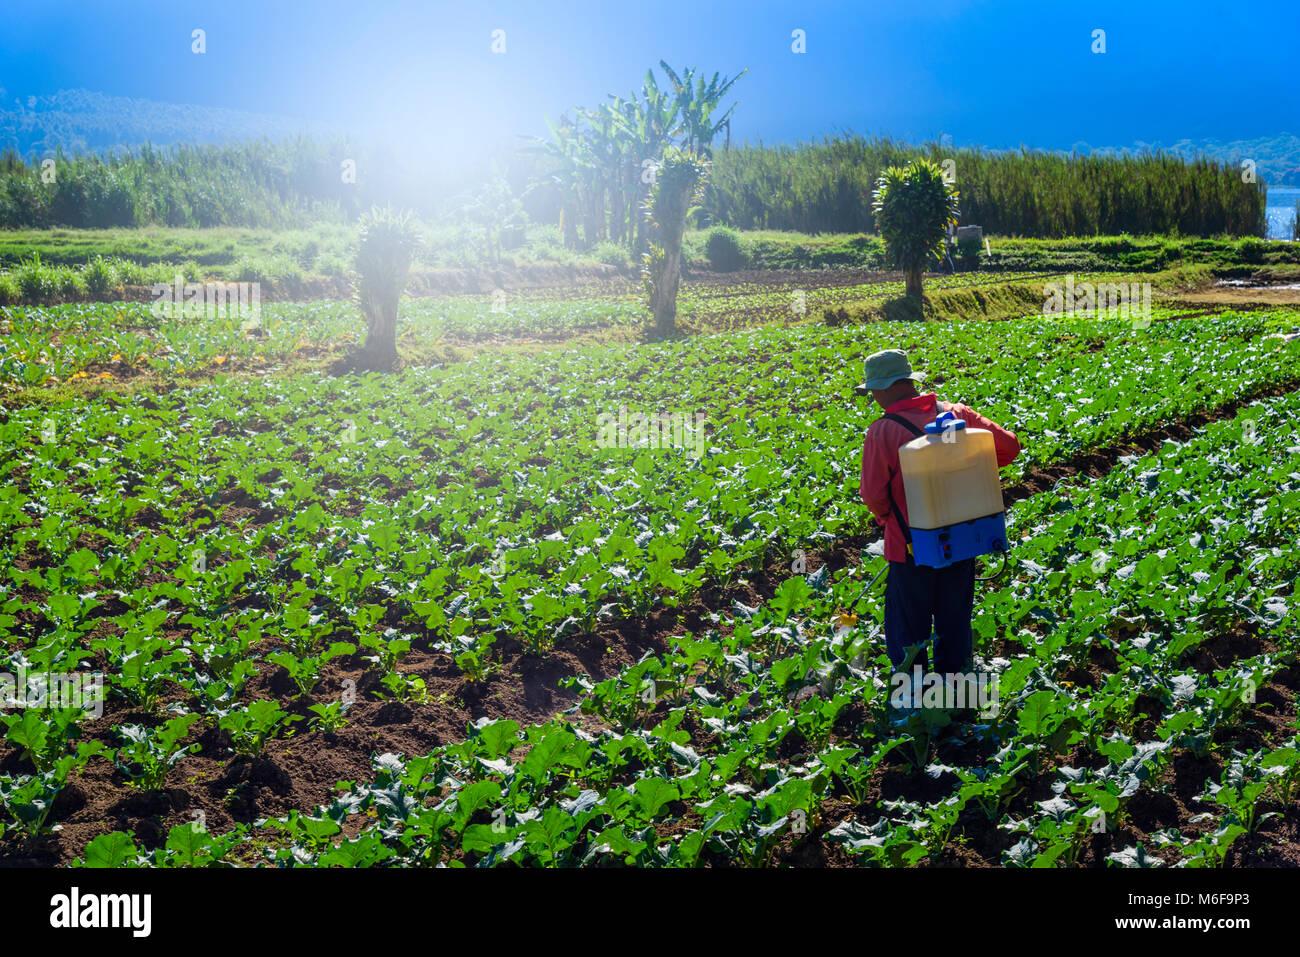 Resultado de imagen de agricultor pulverizando